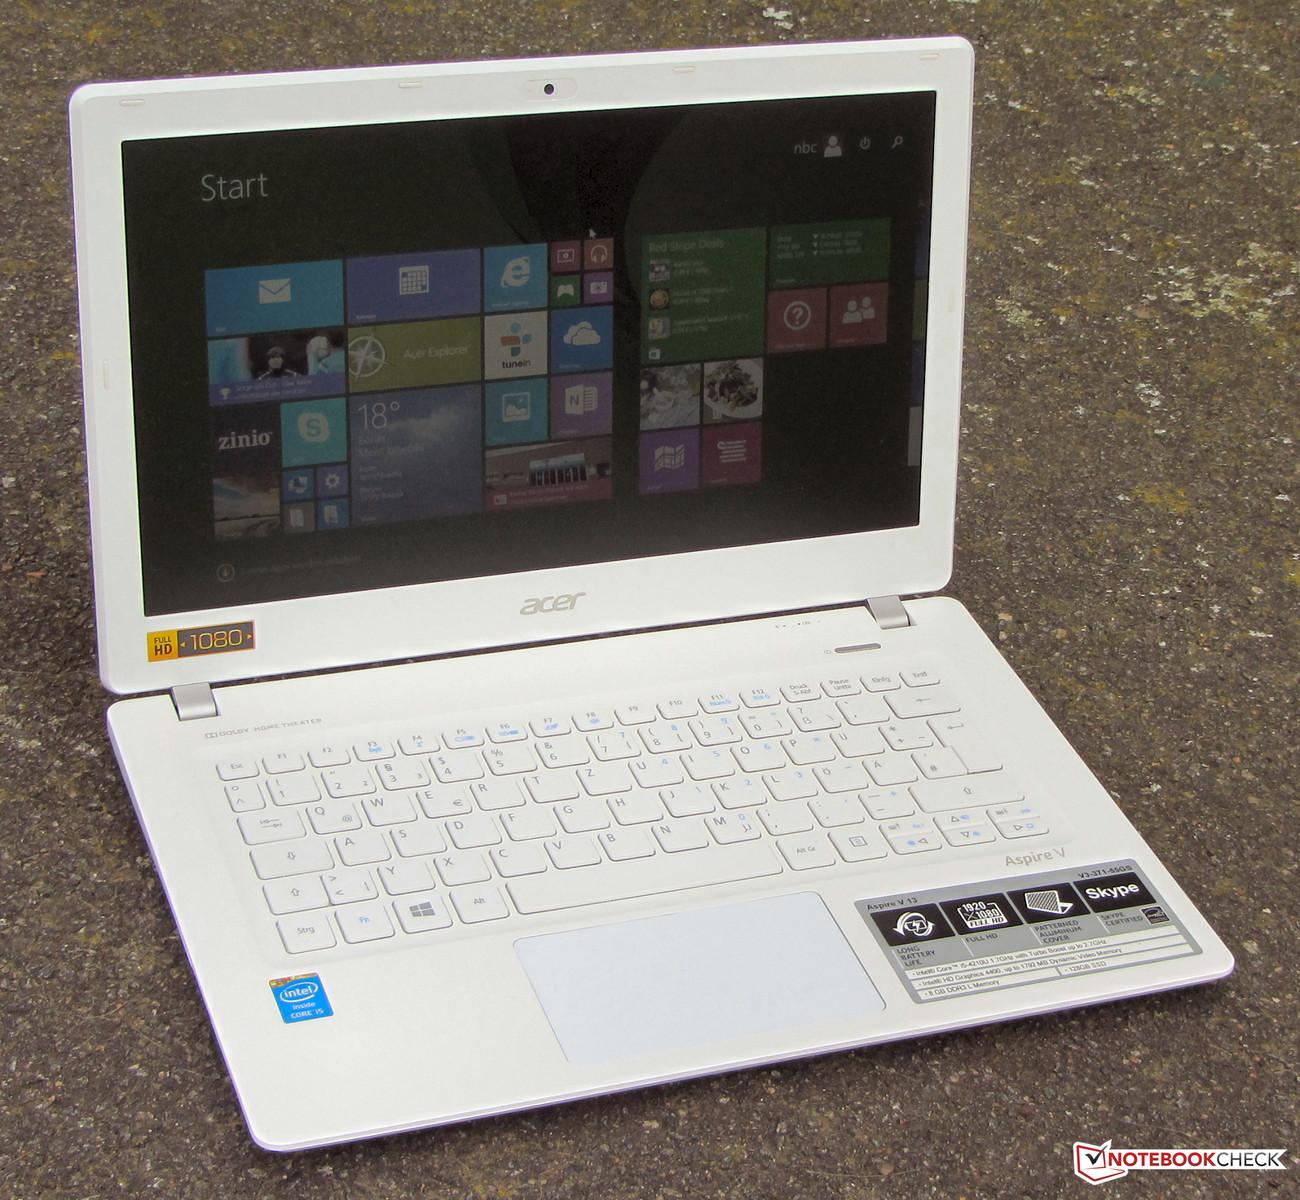 Acer Aspire V3 371 55GS Subnotebook Review